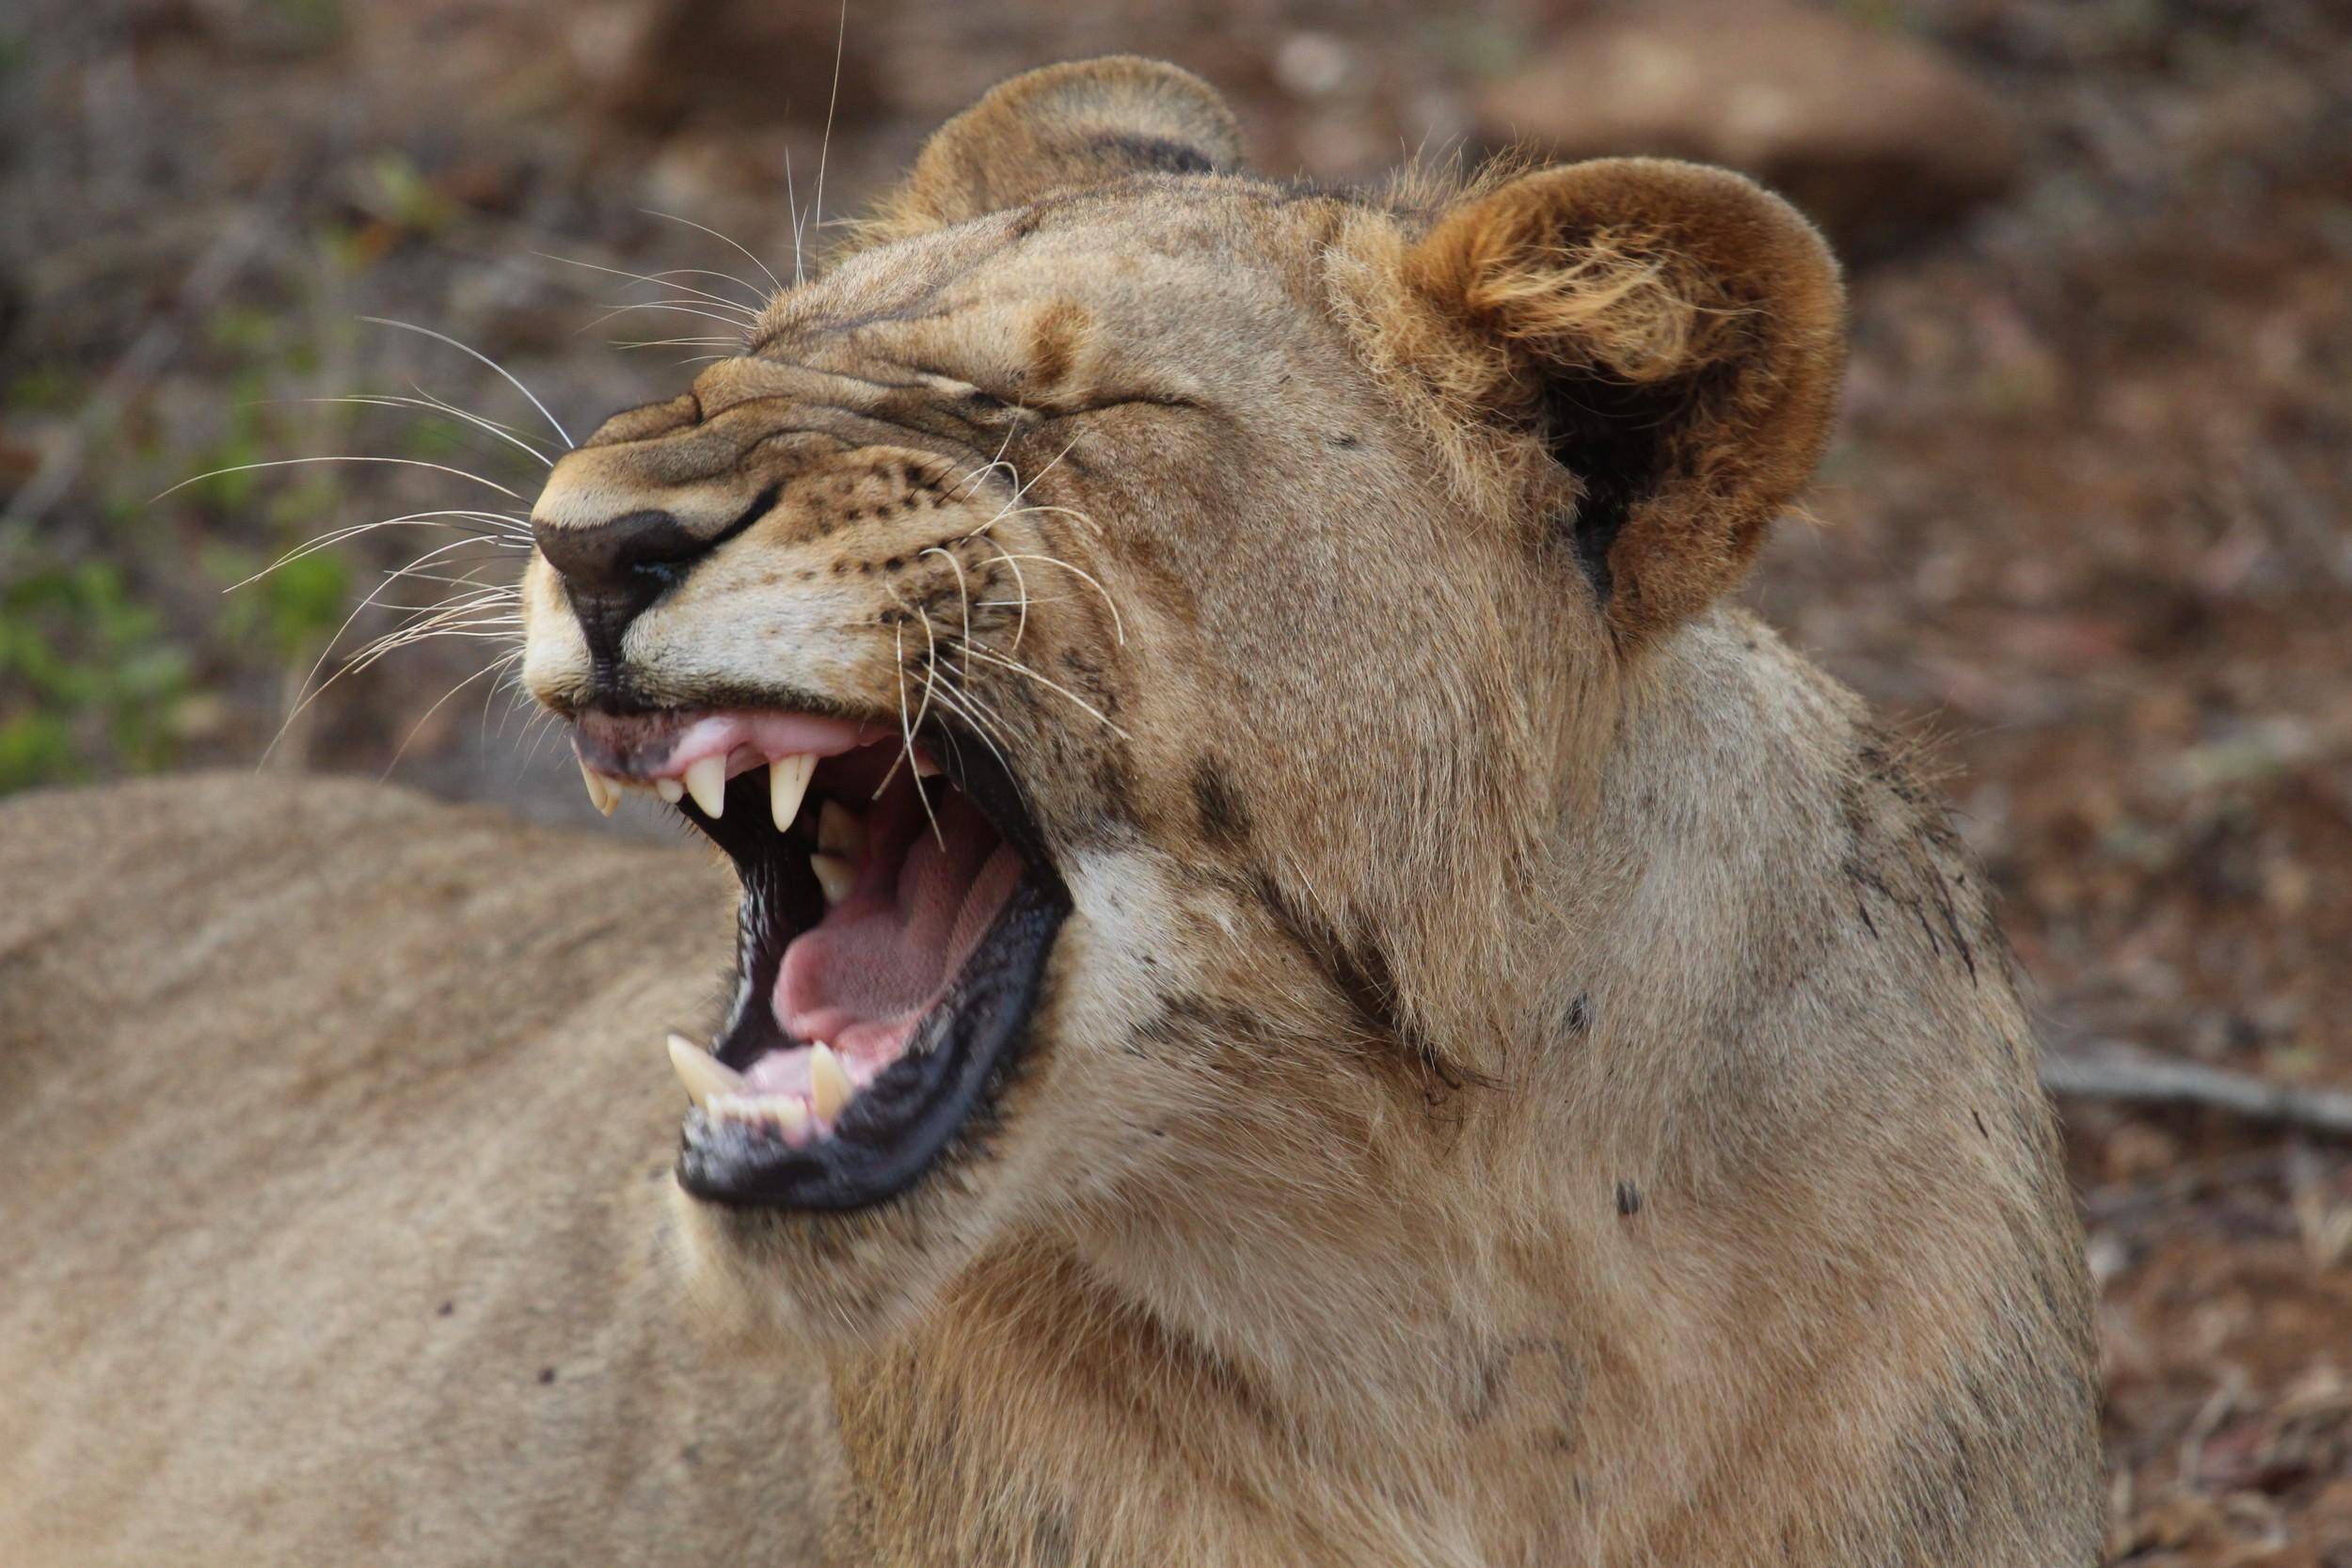 grandma lion big teeth